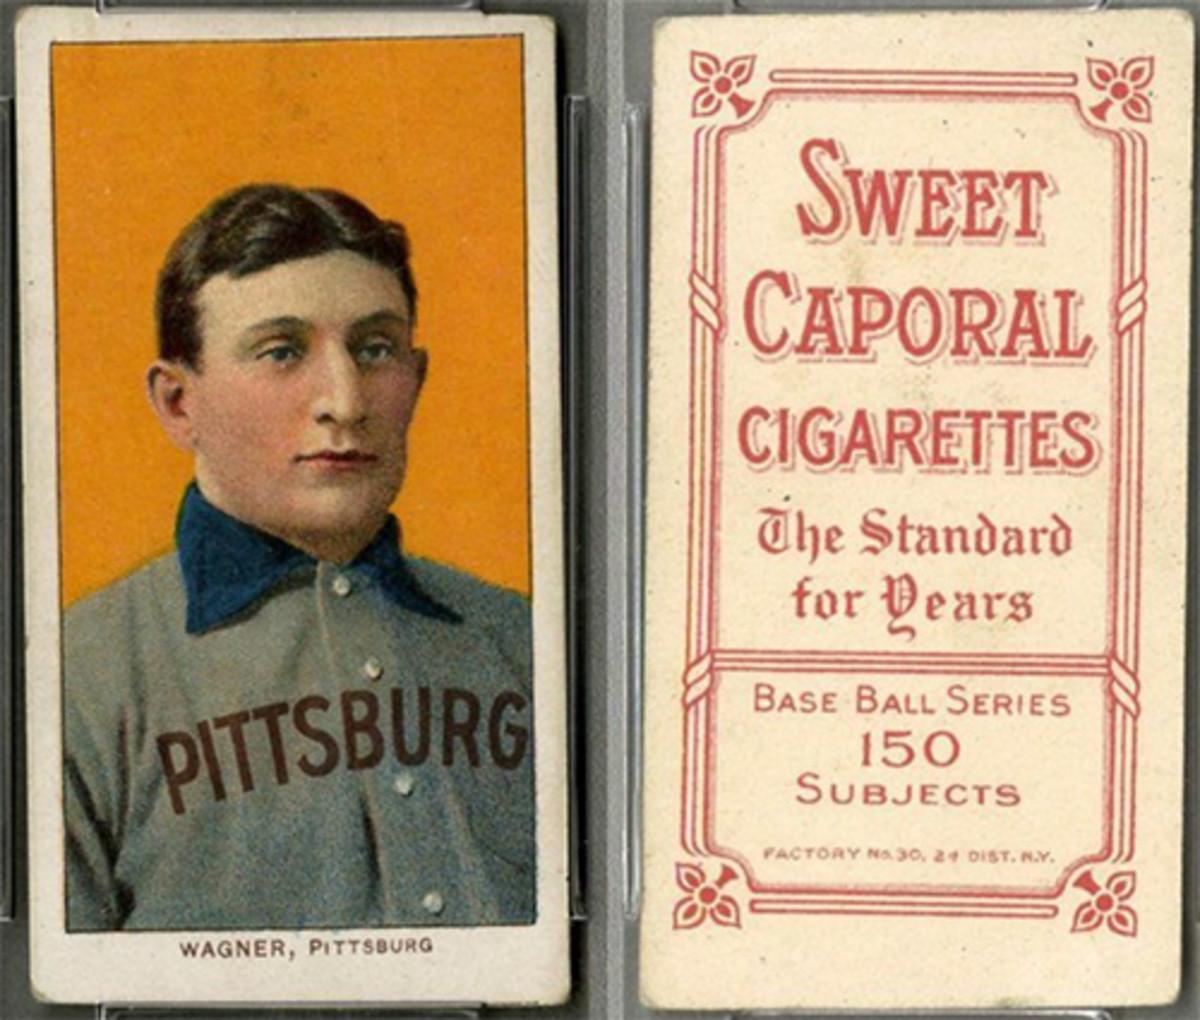 Most Valuable Baseball Cards: Honus Wagner